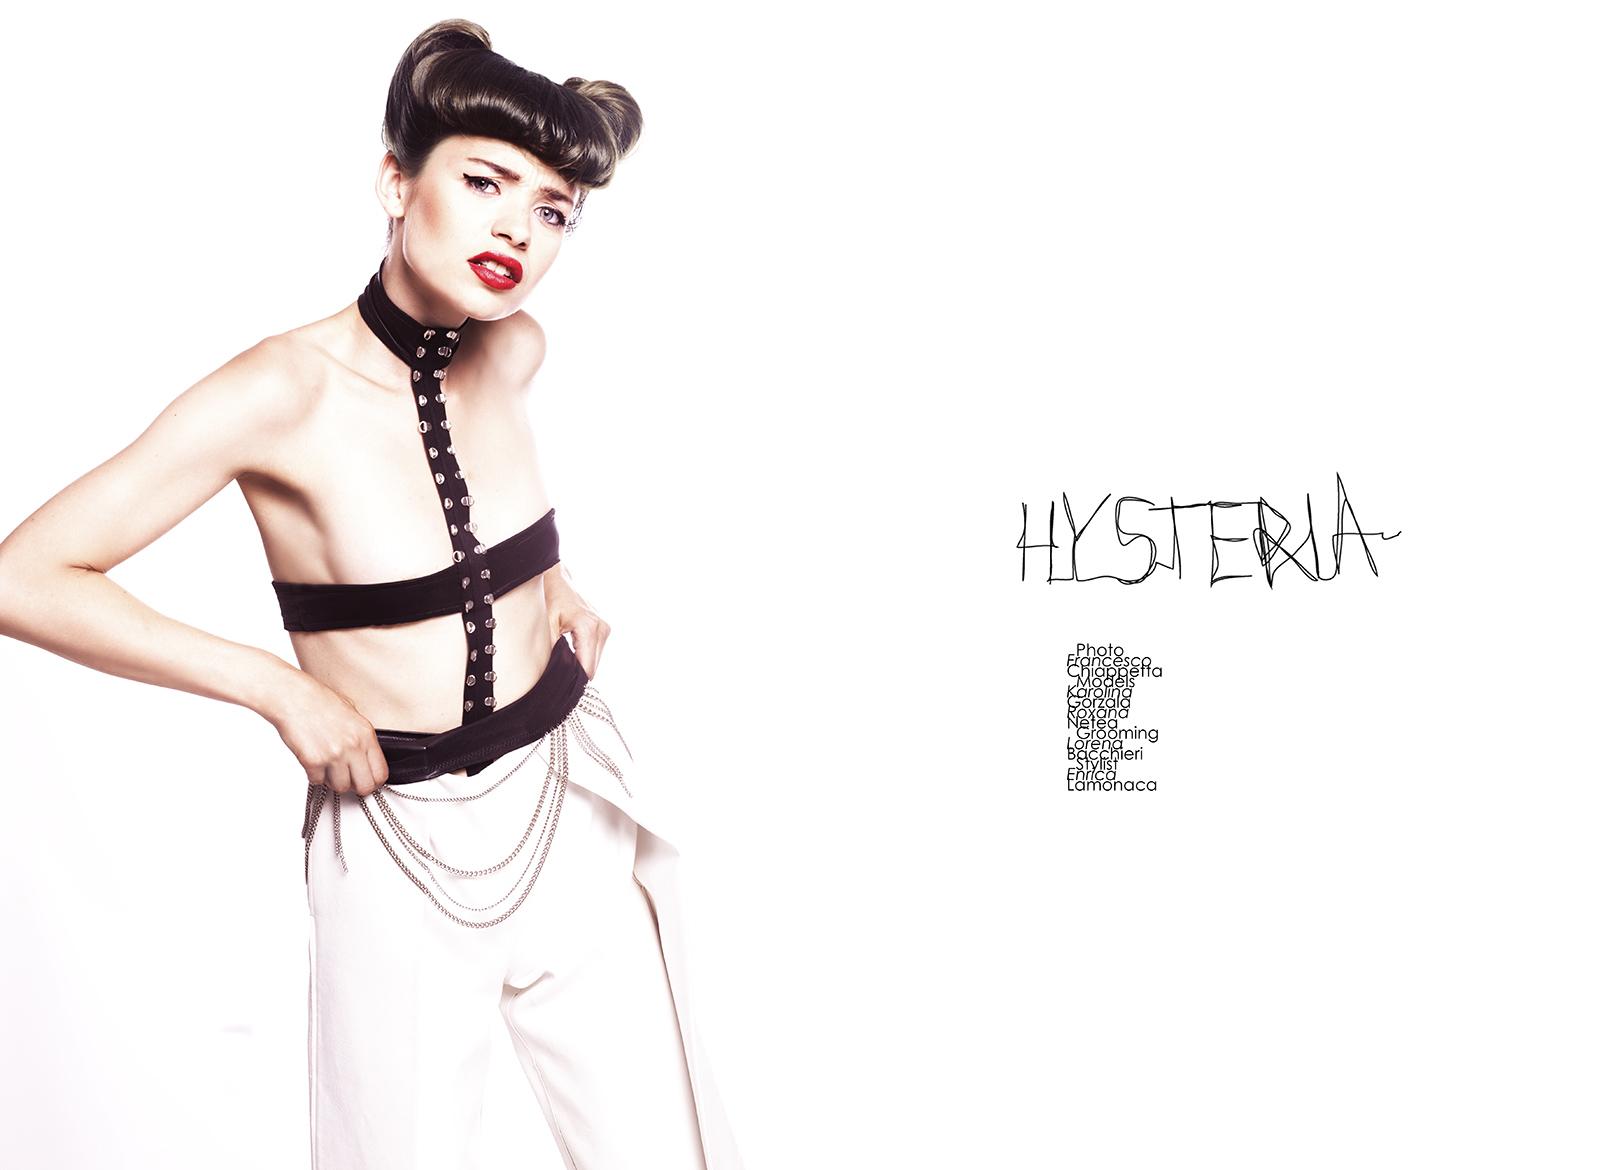 Francesco_Chiappetta_Personal_Project_hysteria_01